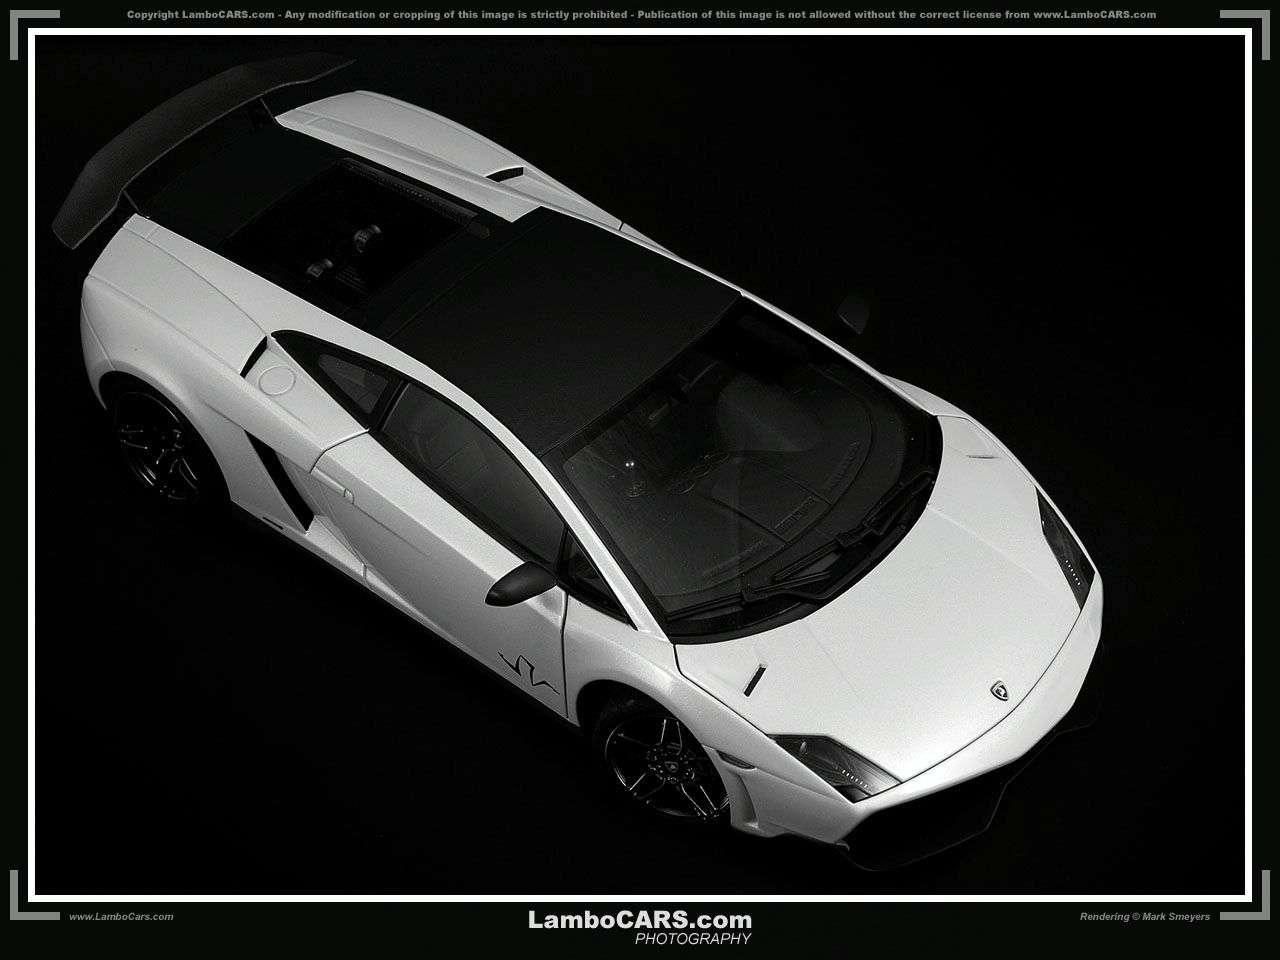 Lamborghini LP570-4 SV 2009